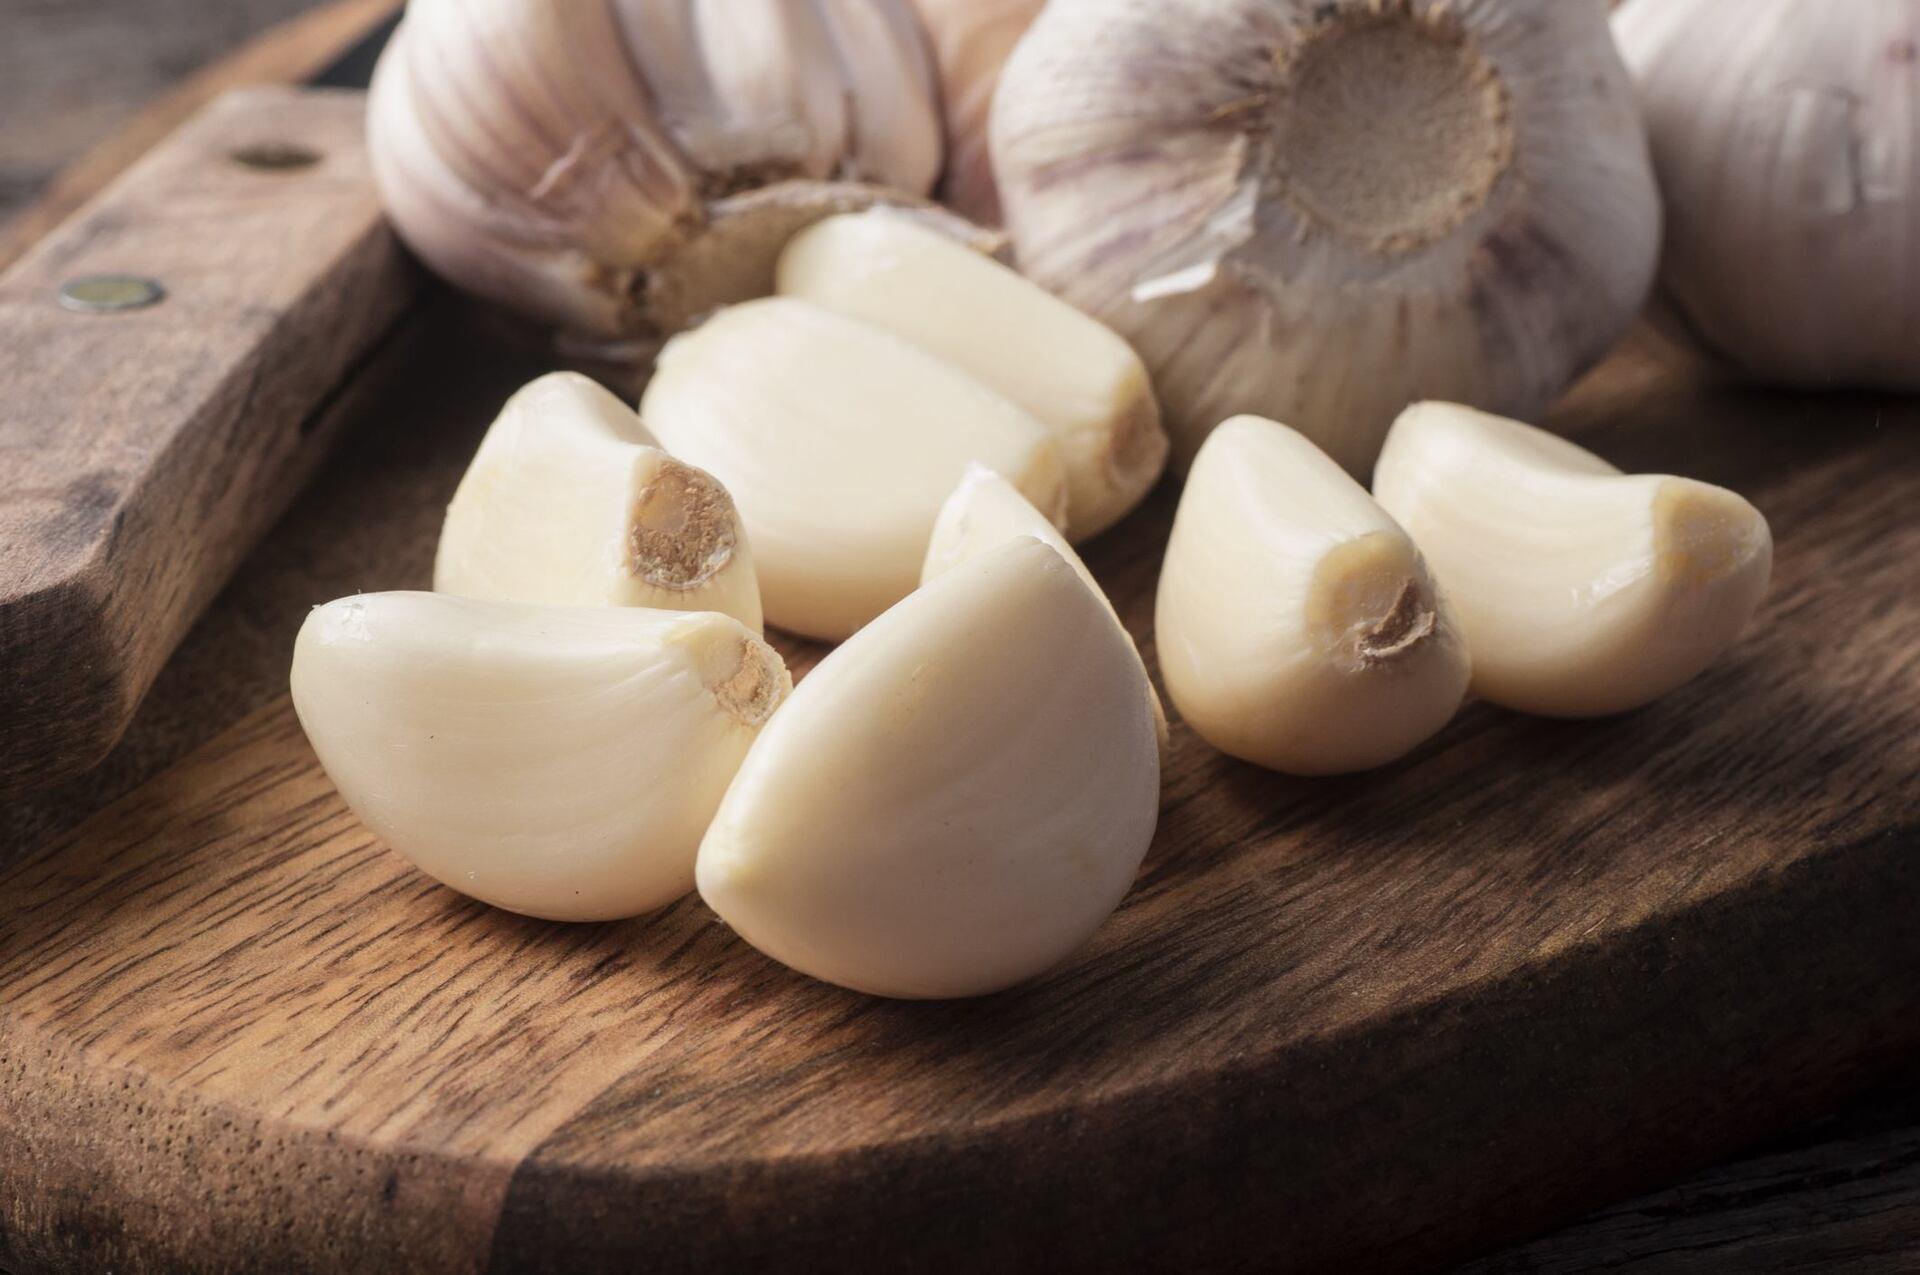 Dentes e cabeças de alho